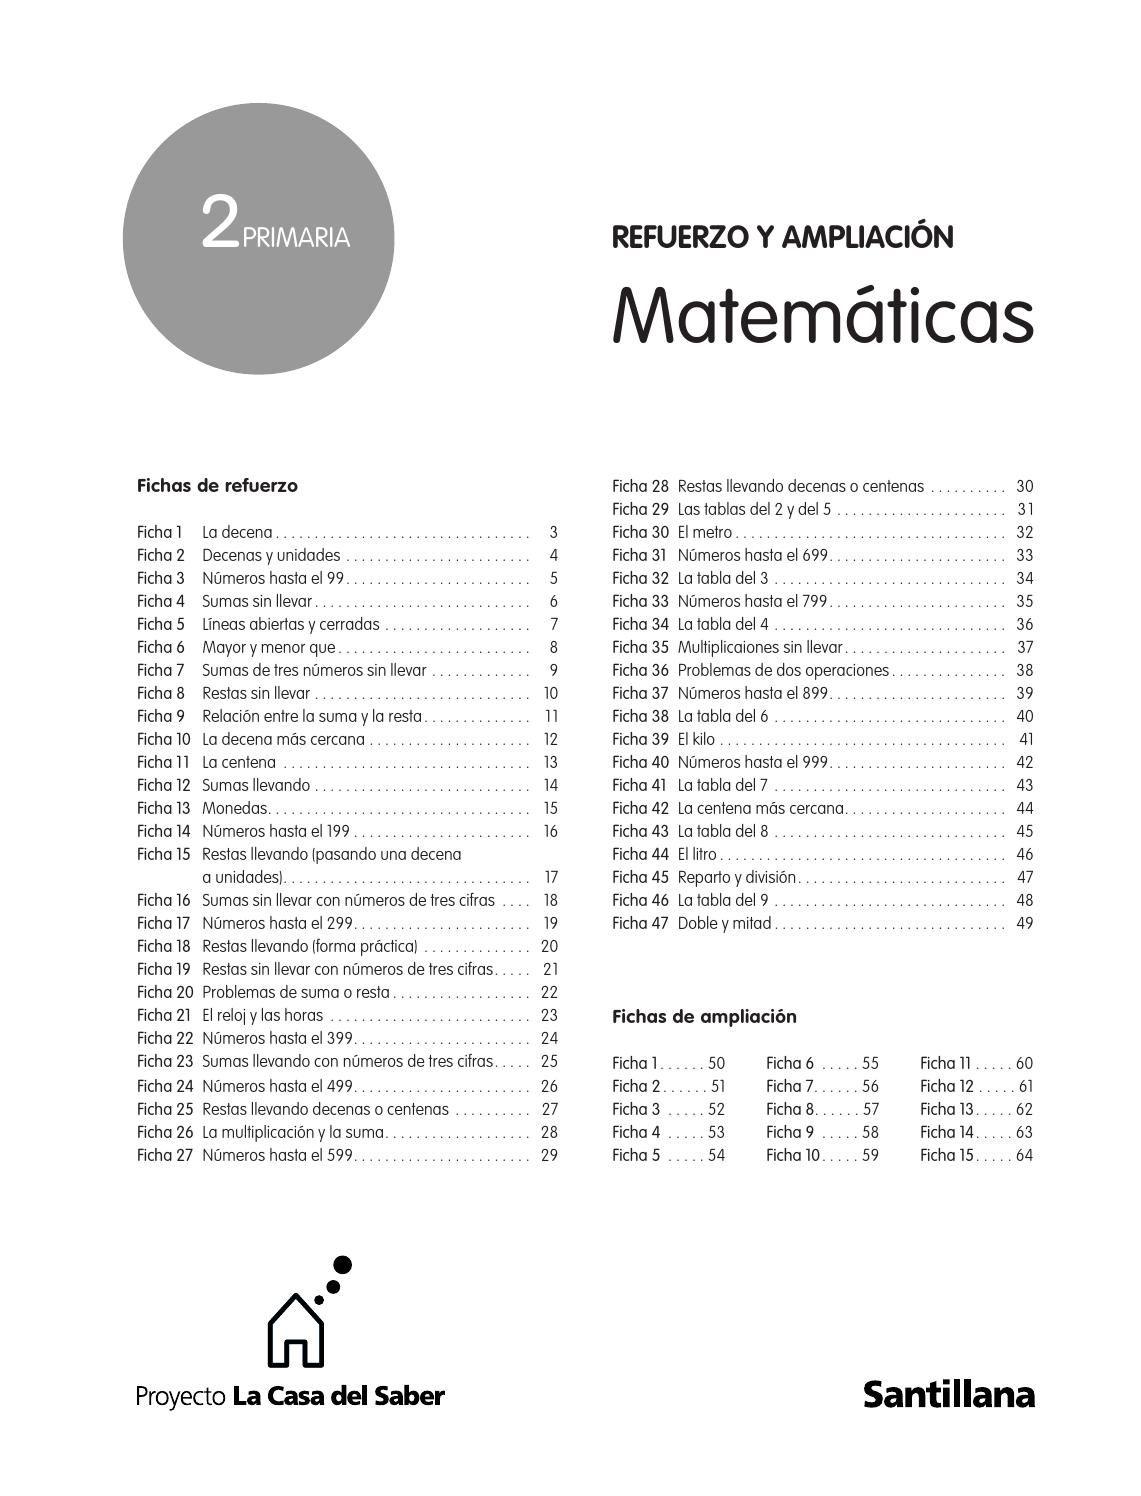 Refuerzo Y Ampliación De Matemáticas 2º De Primaría La Casa Del Saber Santillana Matematicas Matemáticas De Primer Grado Educacion Primaria